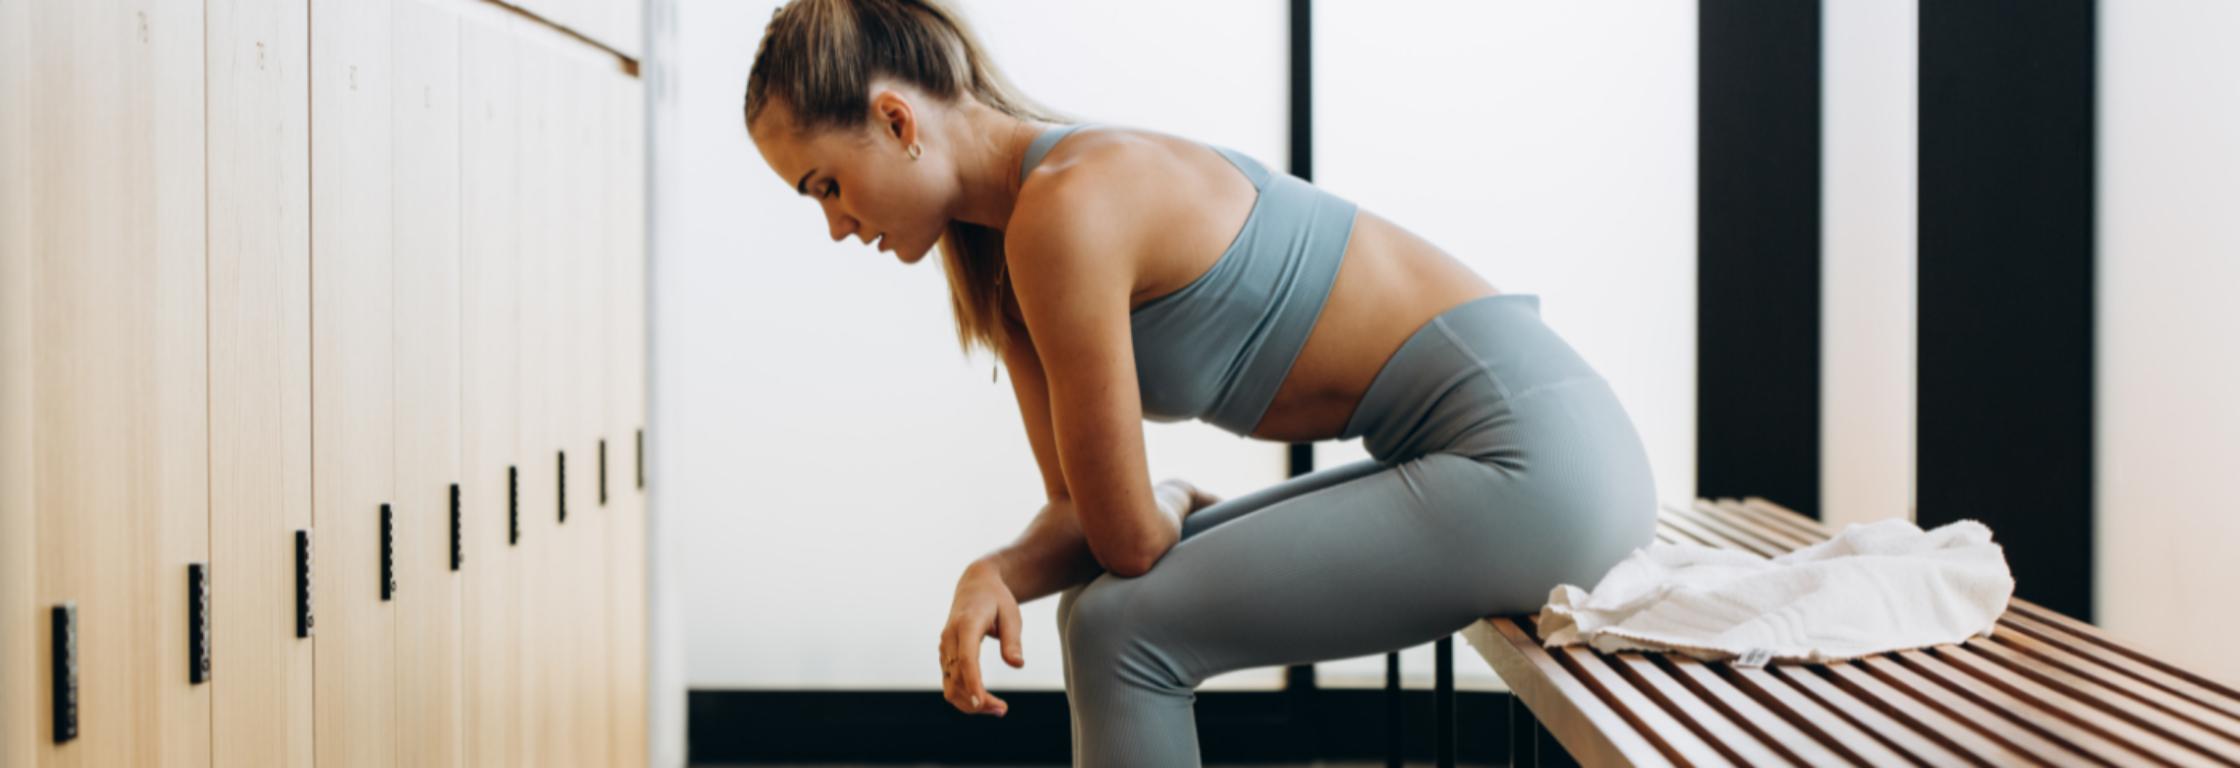 Slecht weer en geen zin om te trainen? 5 tips om jezelf te motiveren!